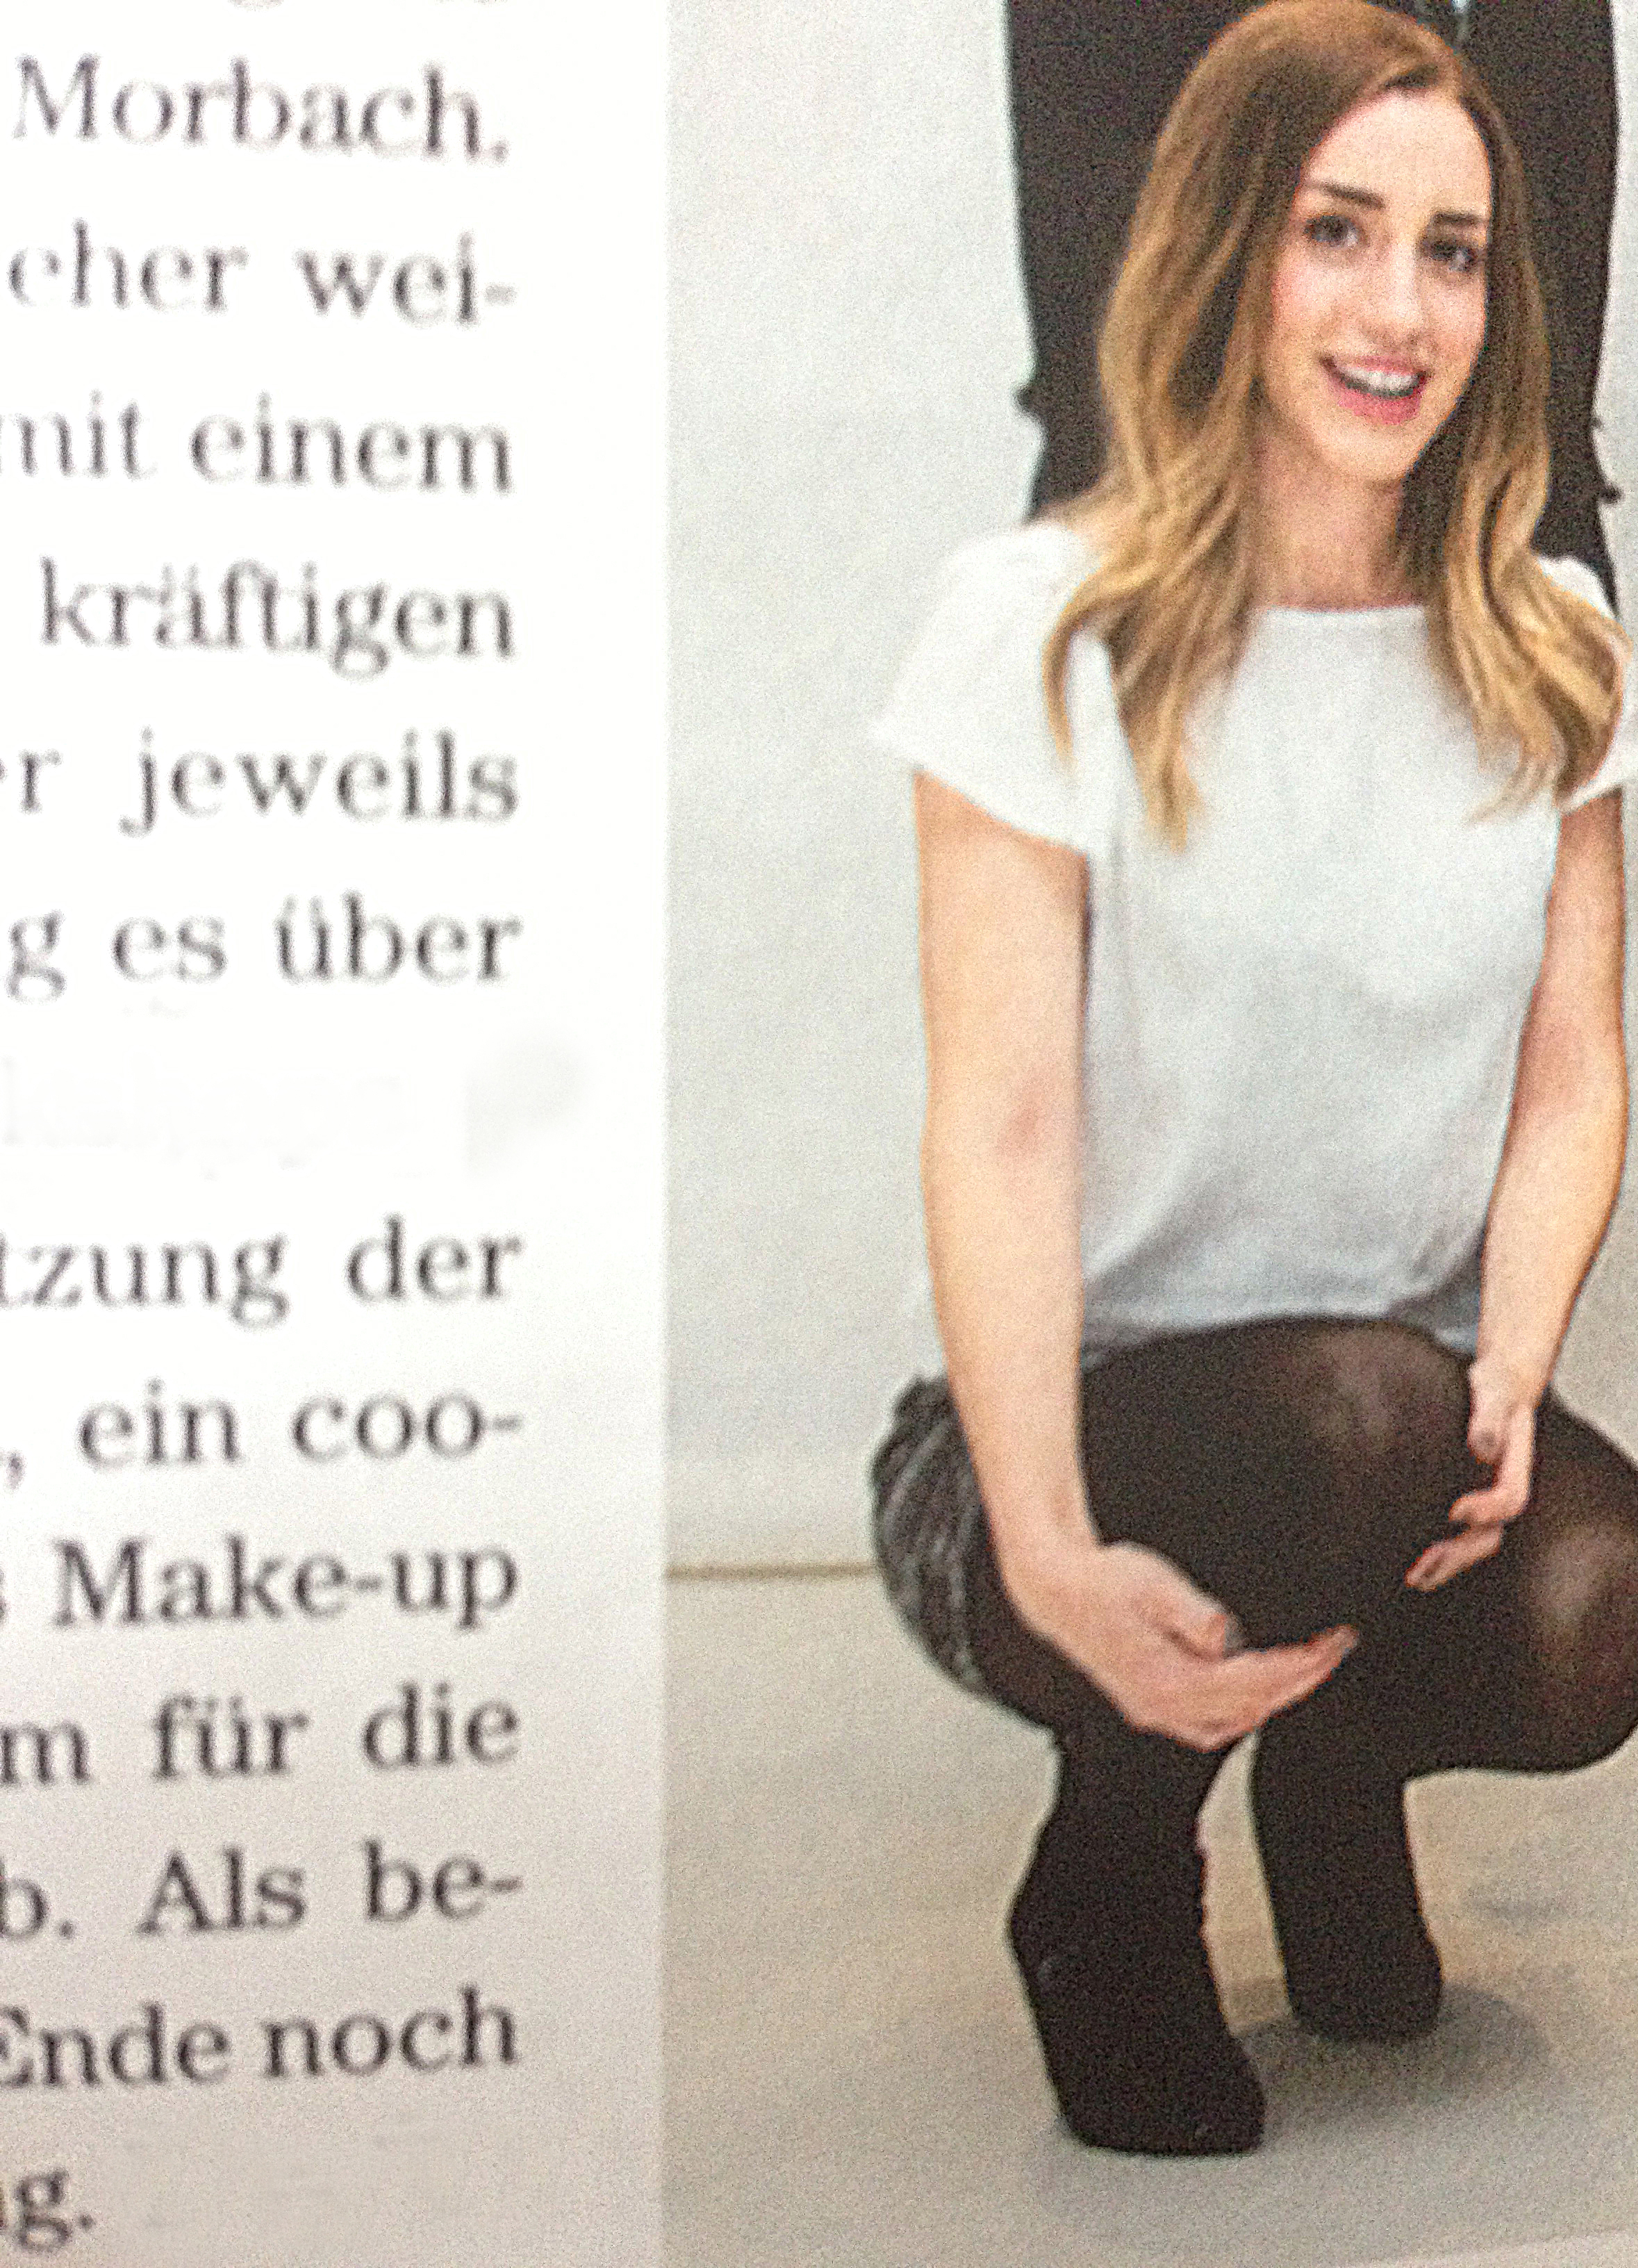 Foto Zeitungsausschnitt